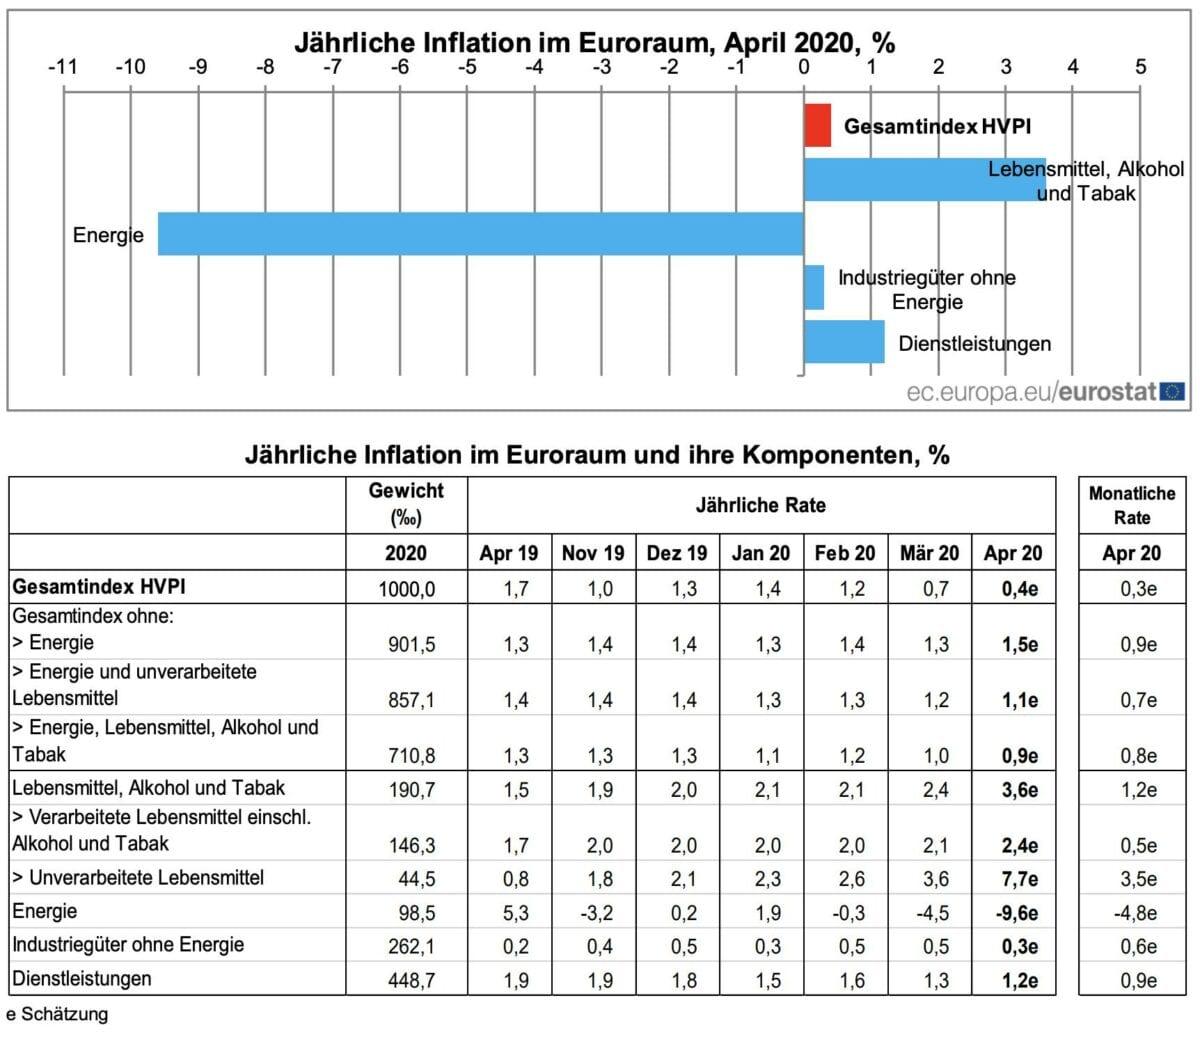 Inflation Detaildaten April für Eurozone